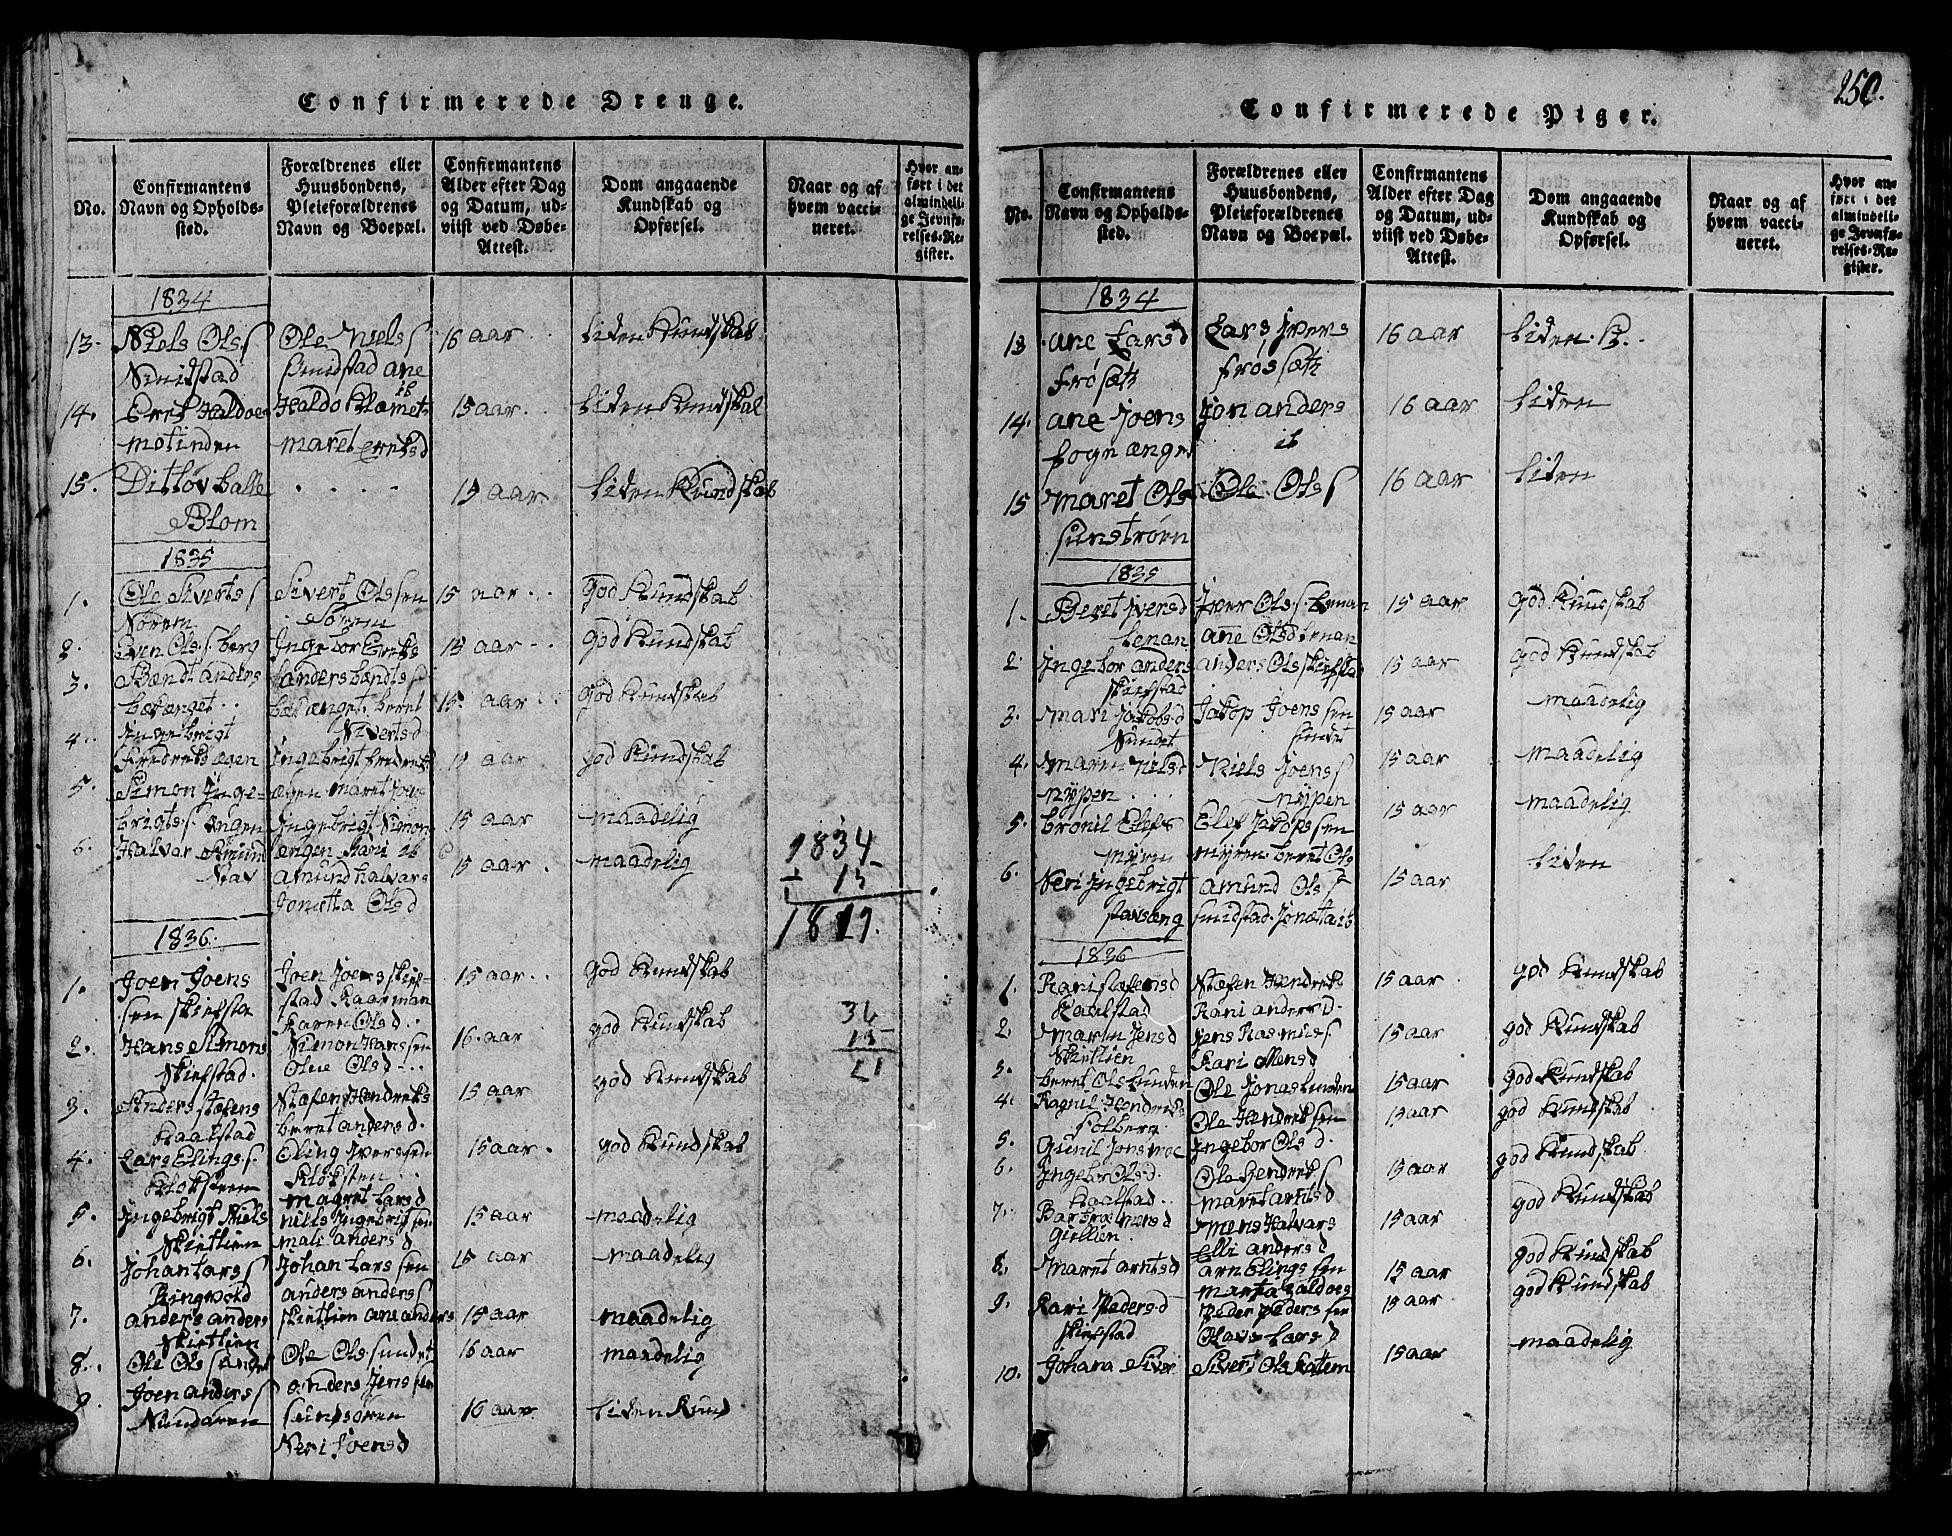 SAT, Ministerialprotokoller, klokkerbøker og fødselsregistre - Sør-Trøndelag, 613/L0393: Klokkerbok nr. 613C01, 1816-1886, s. 250